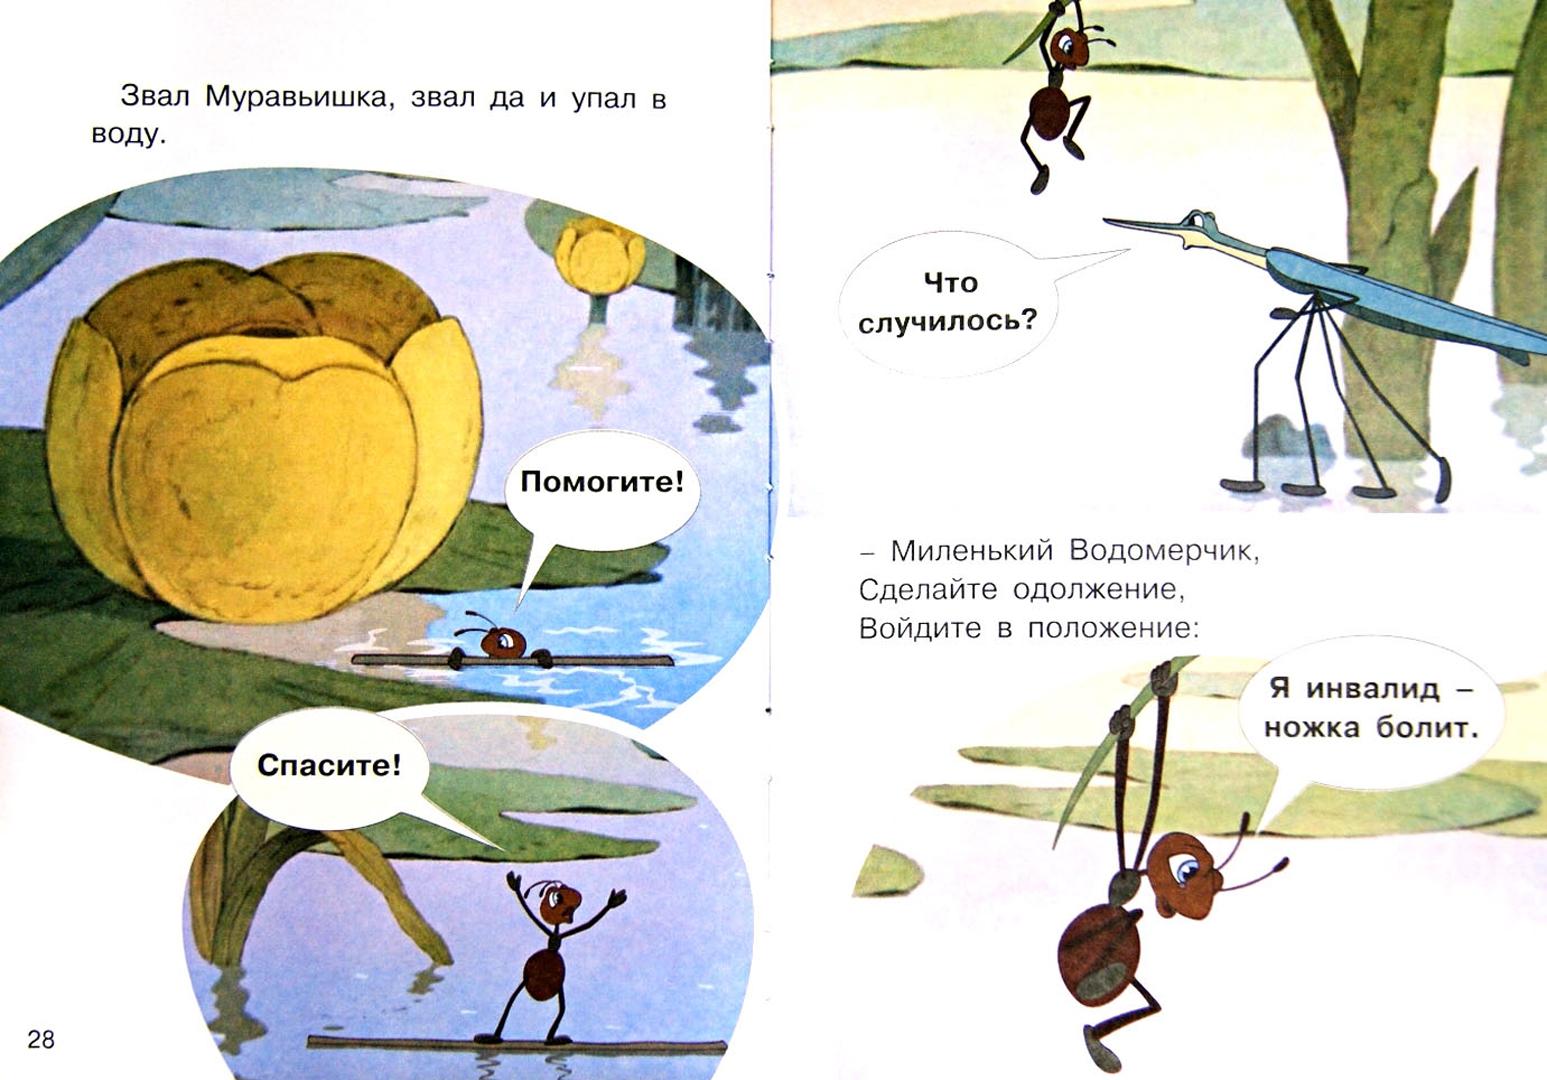 Иллюстрация 1 из 13 для Муравьишка-хвастунишка - Виталий Бианки | Лабиринт - книги. Источник: Лабиринт